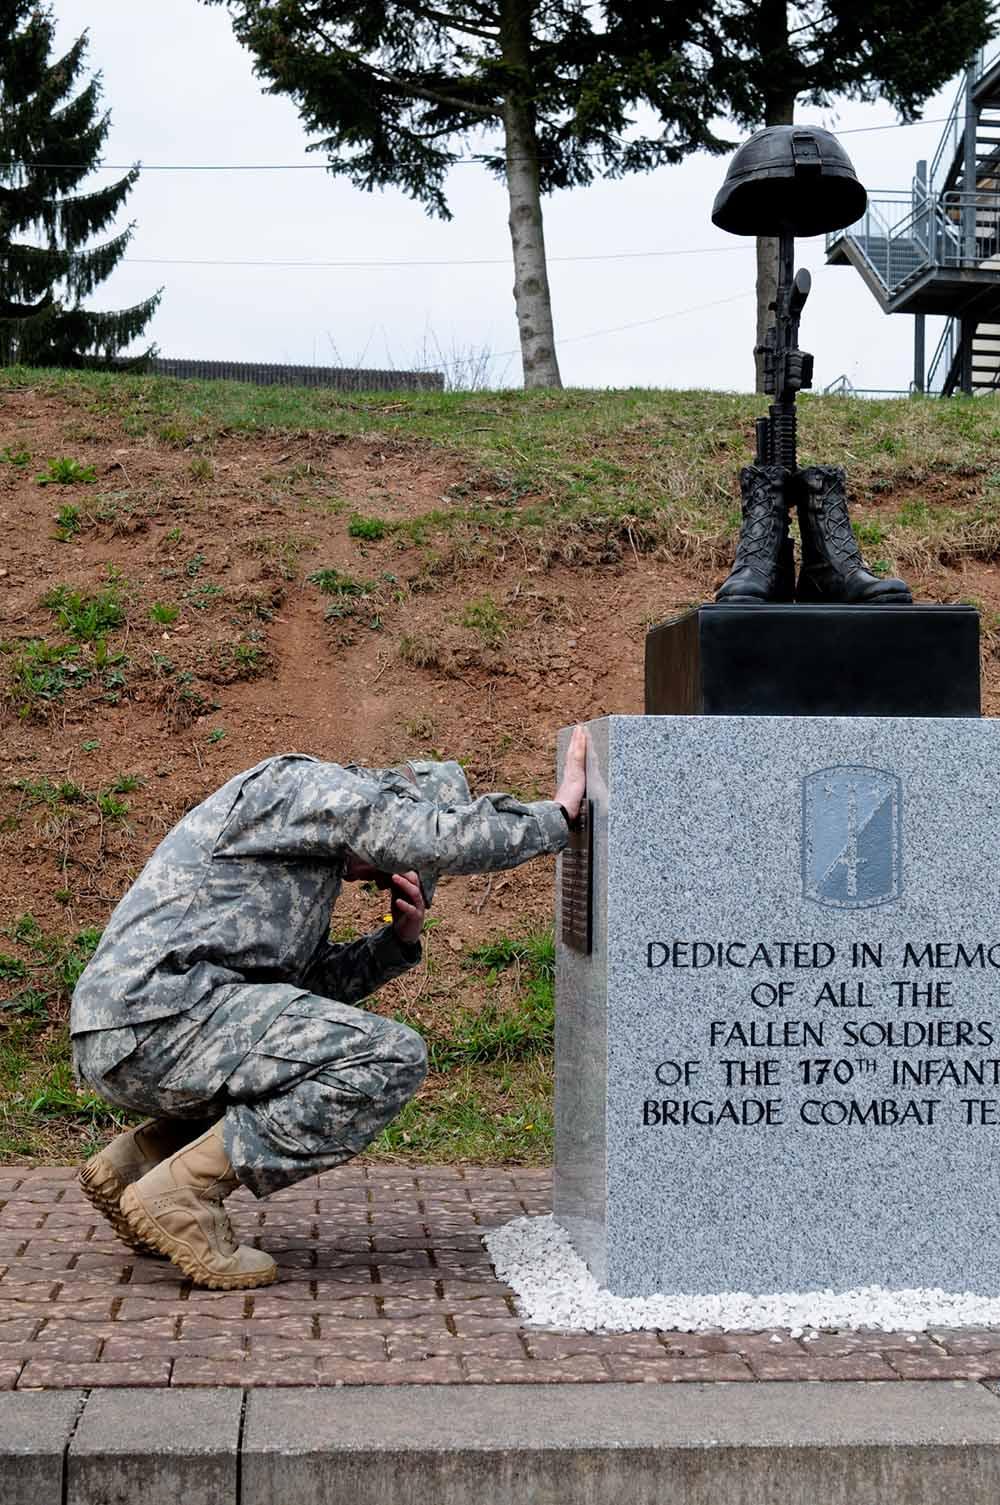 Monument 170th Infantry Brigade Combat Team